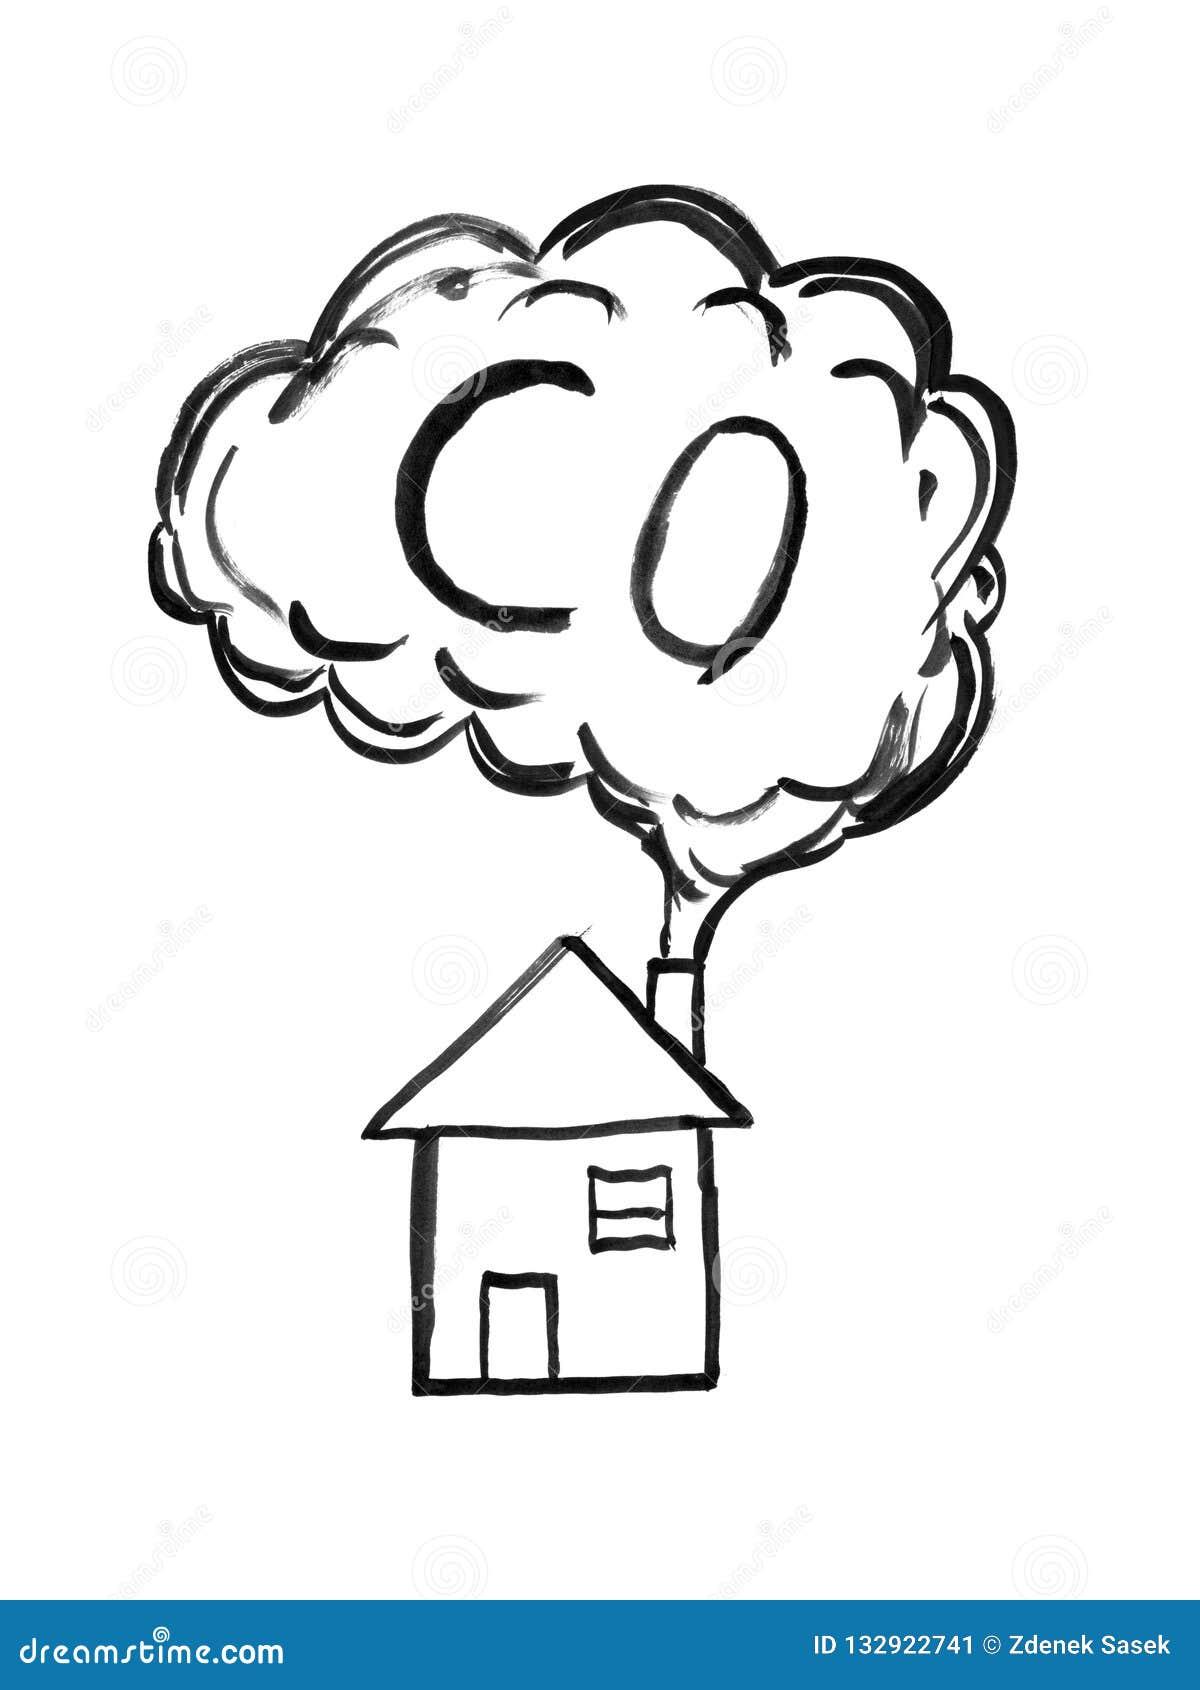 Desenho De Tinta Preta Da Mao Do Fumo Que Vem Da Chamine Da Casa